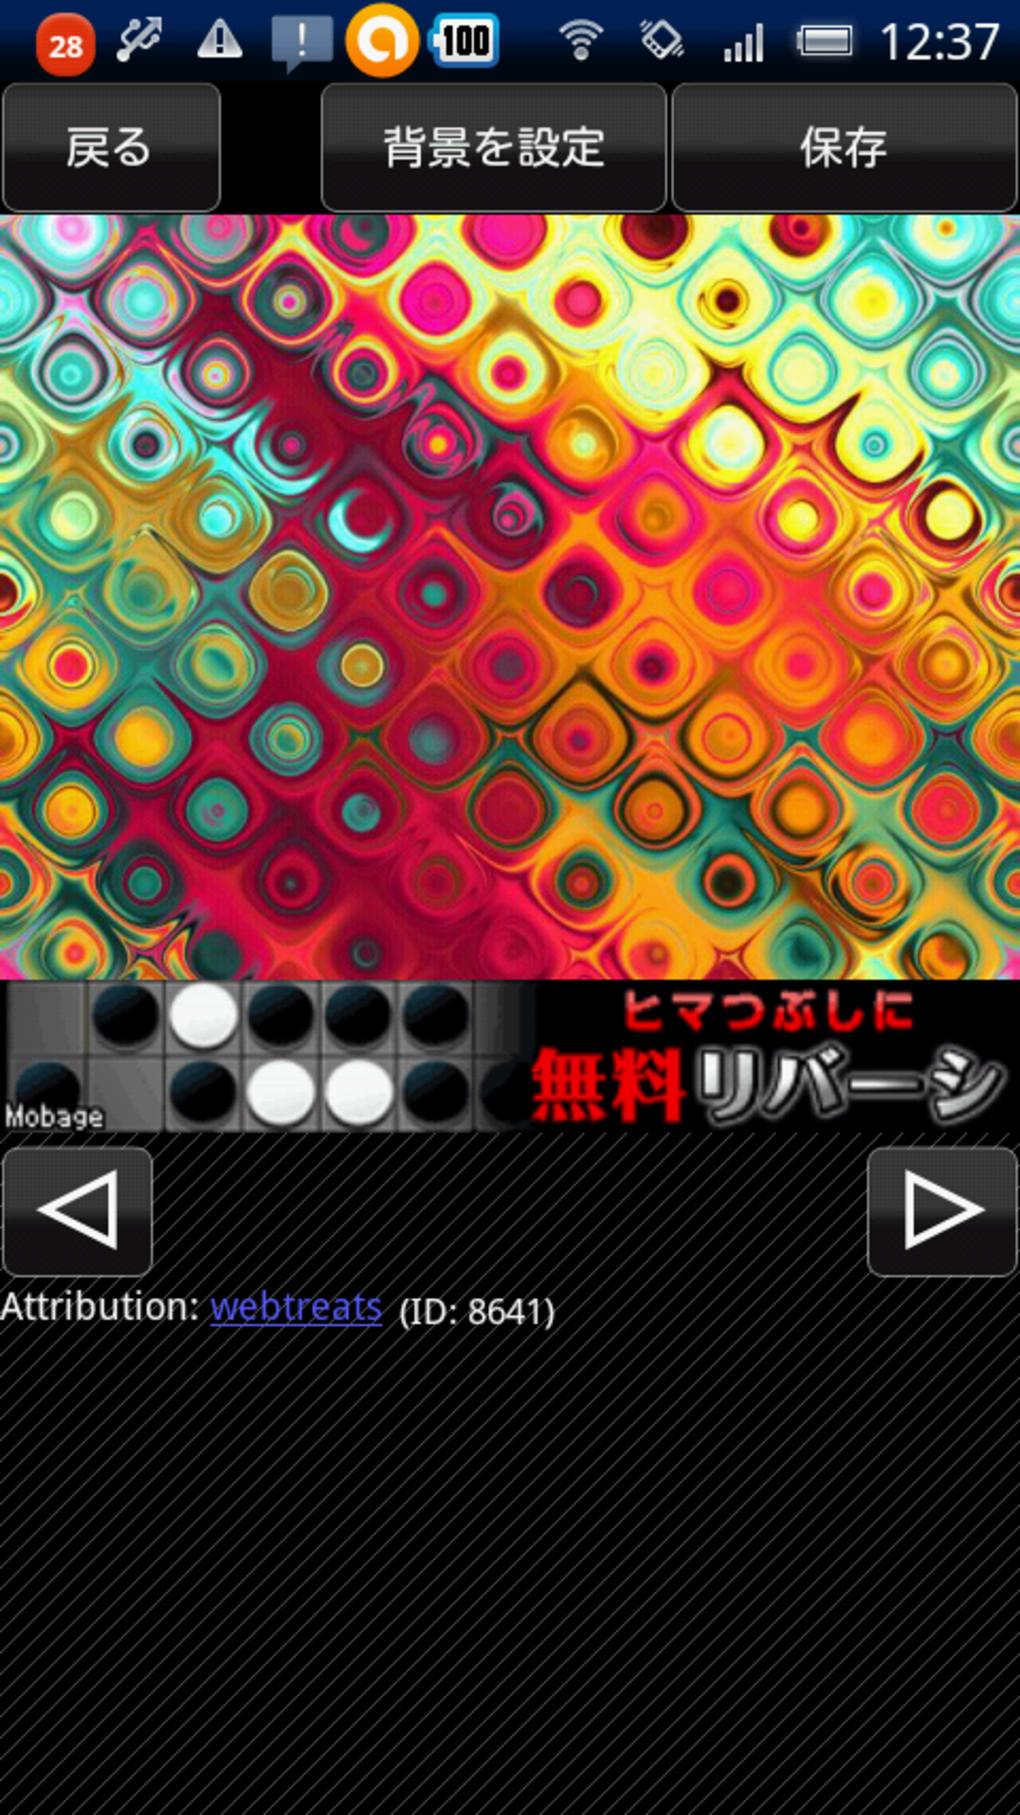 壁紙 For Android ダウンロード